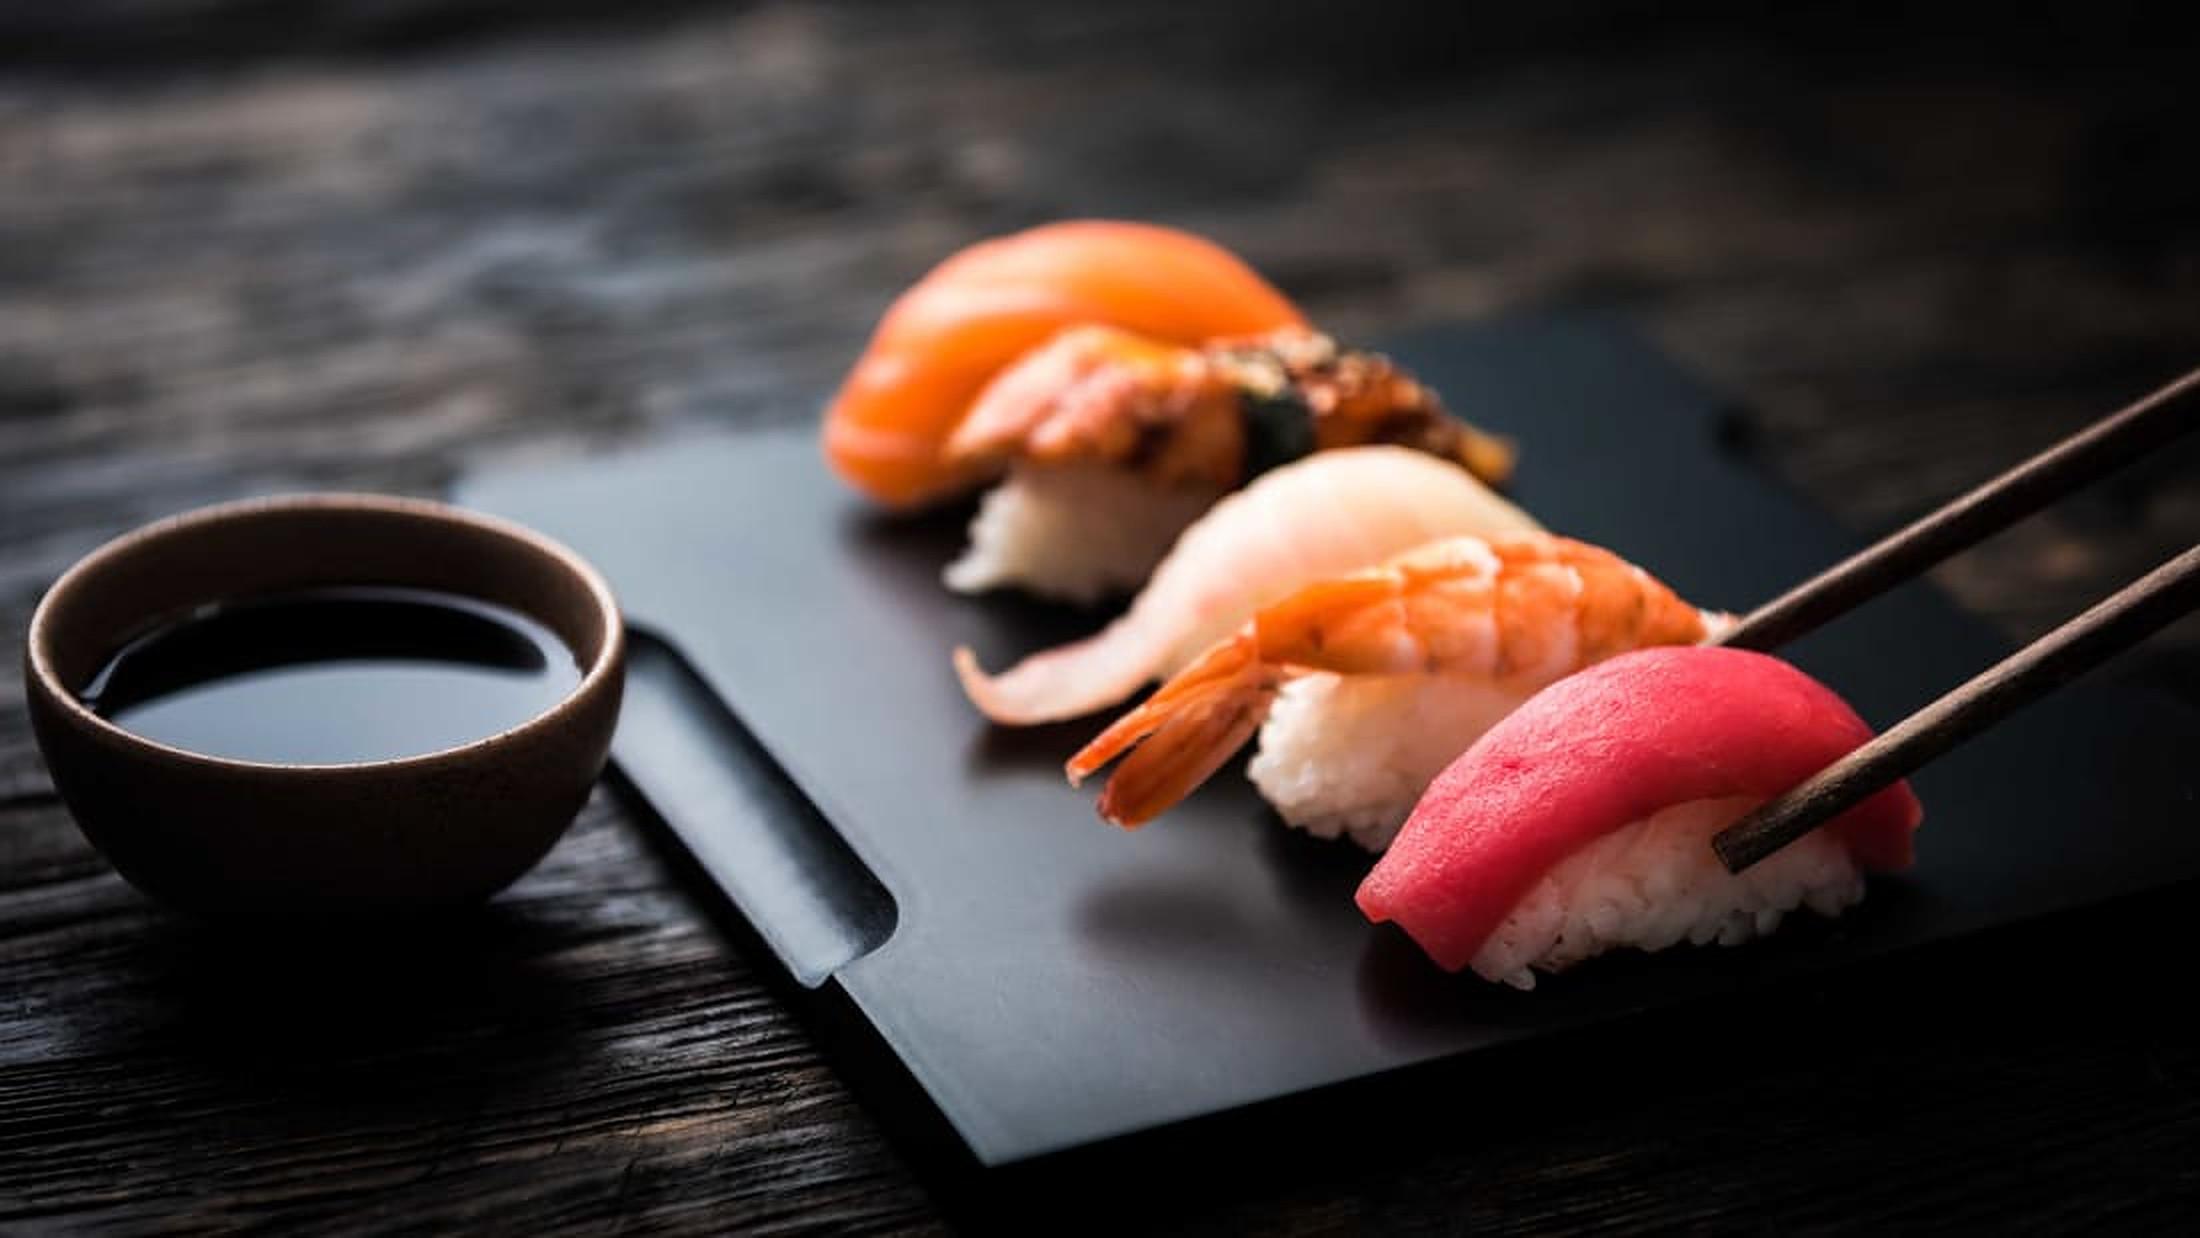 Cum să mănânci sushi. Sfaturi pentru a comanda și a mânca exact ca un localnic din Tokyo